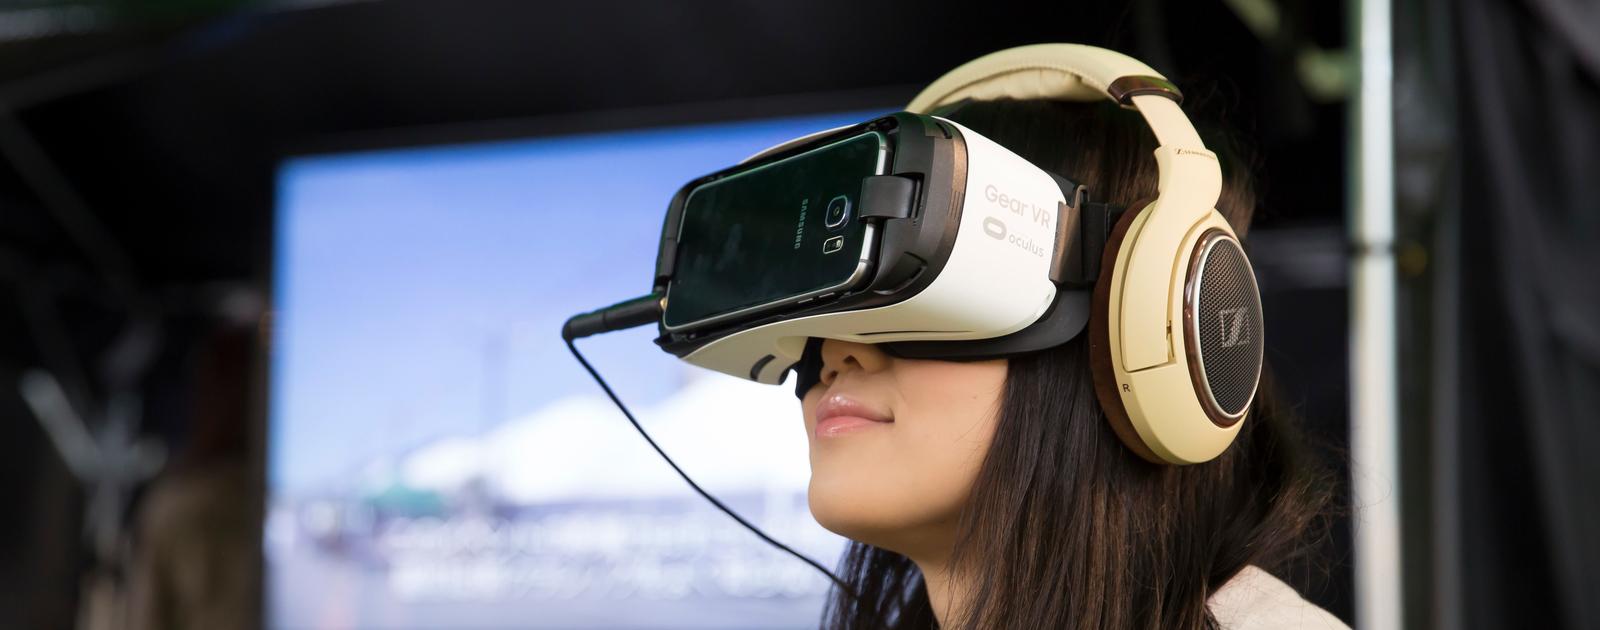 Girl in VR goggles